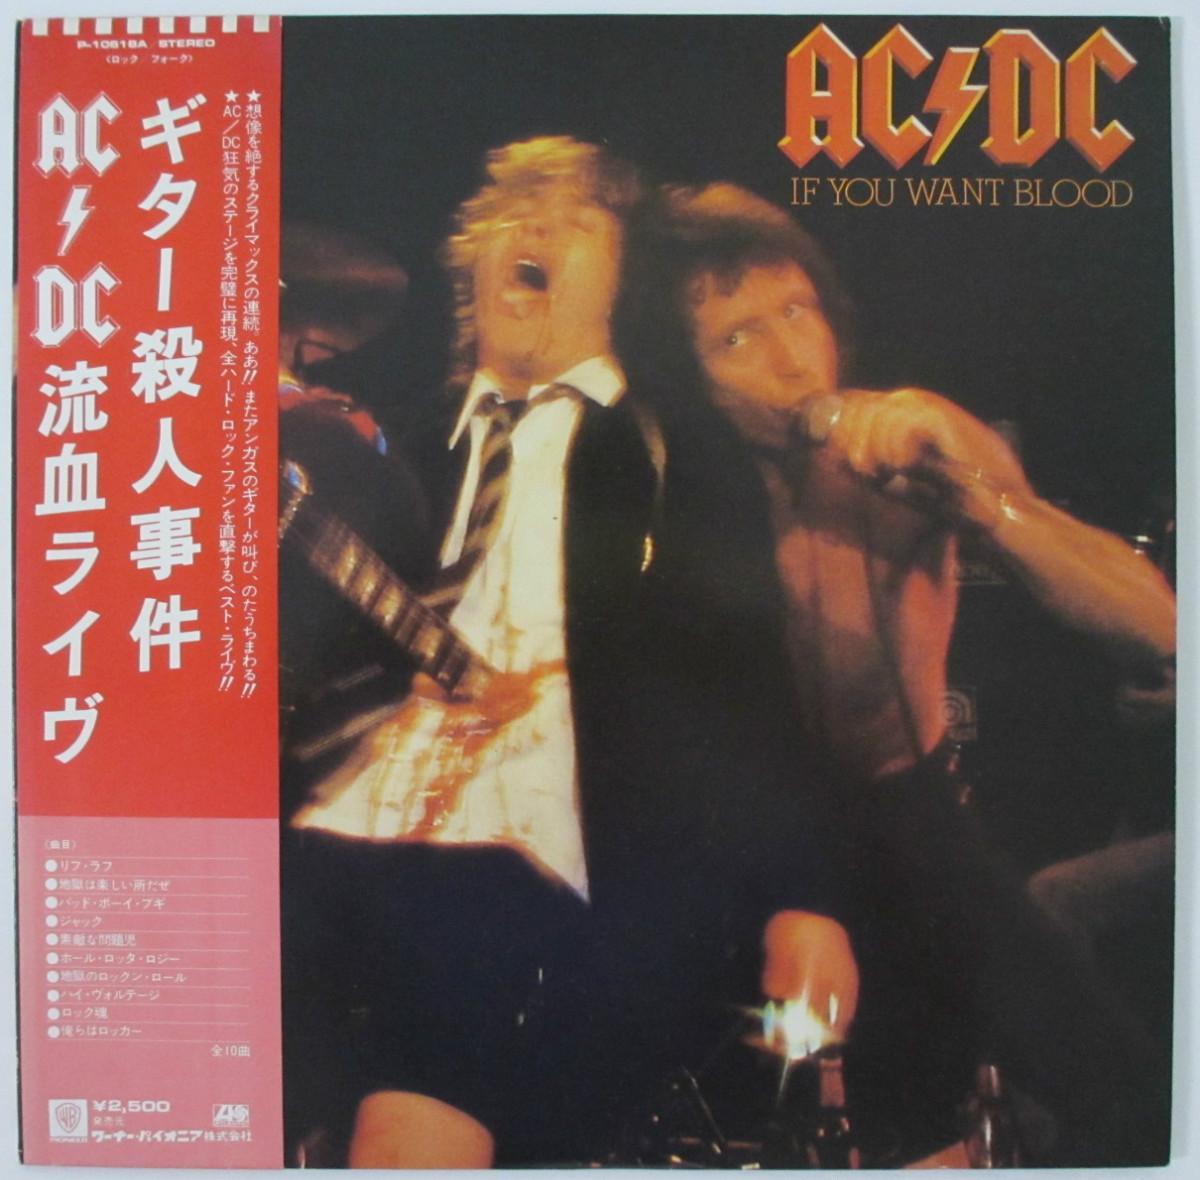 【中古レコード】ギター殺人事件/AC/DC流血ライヴ